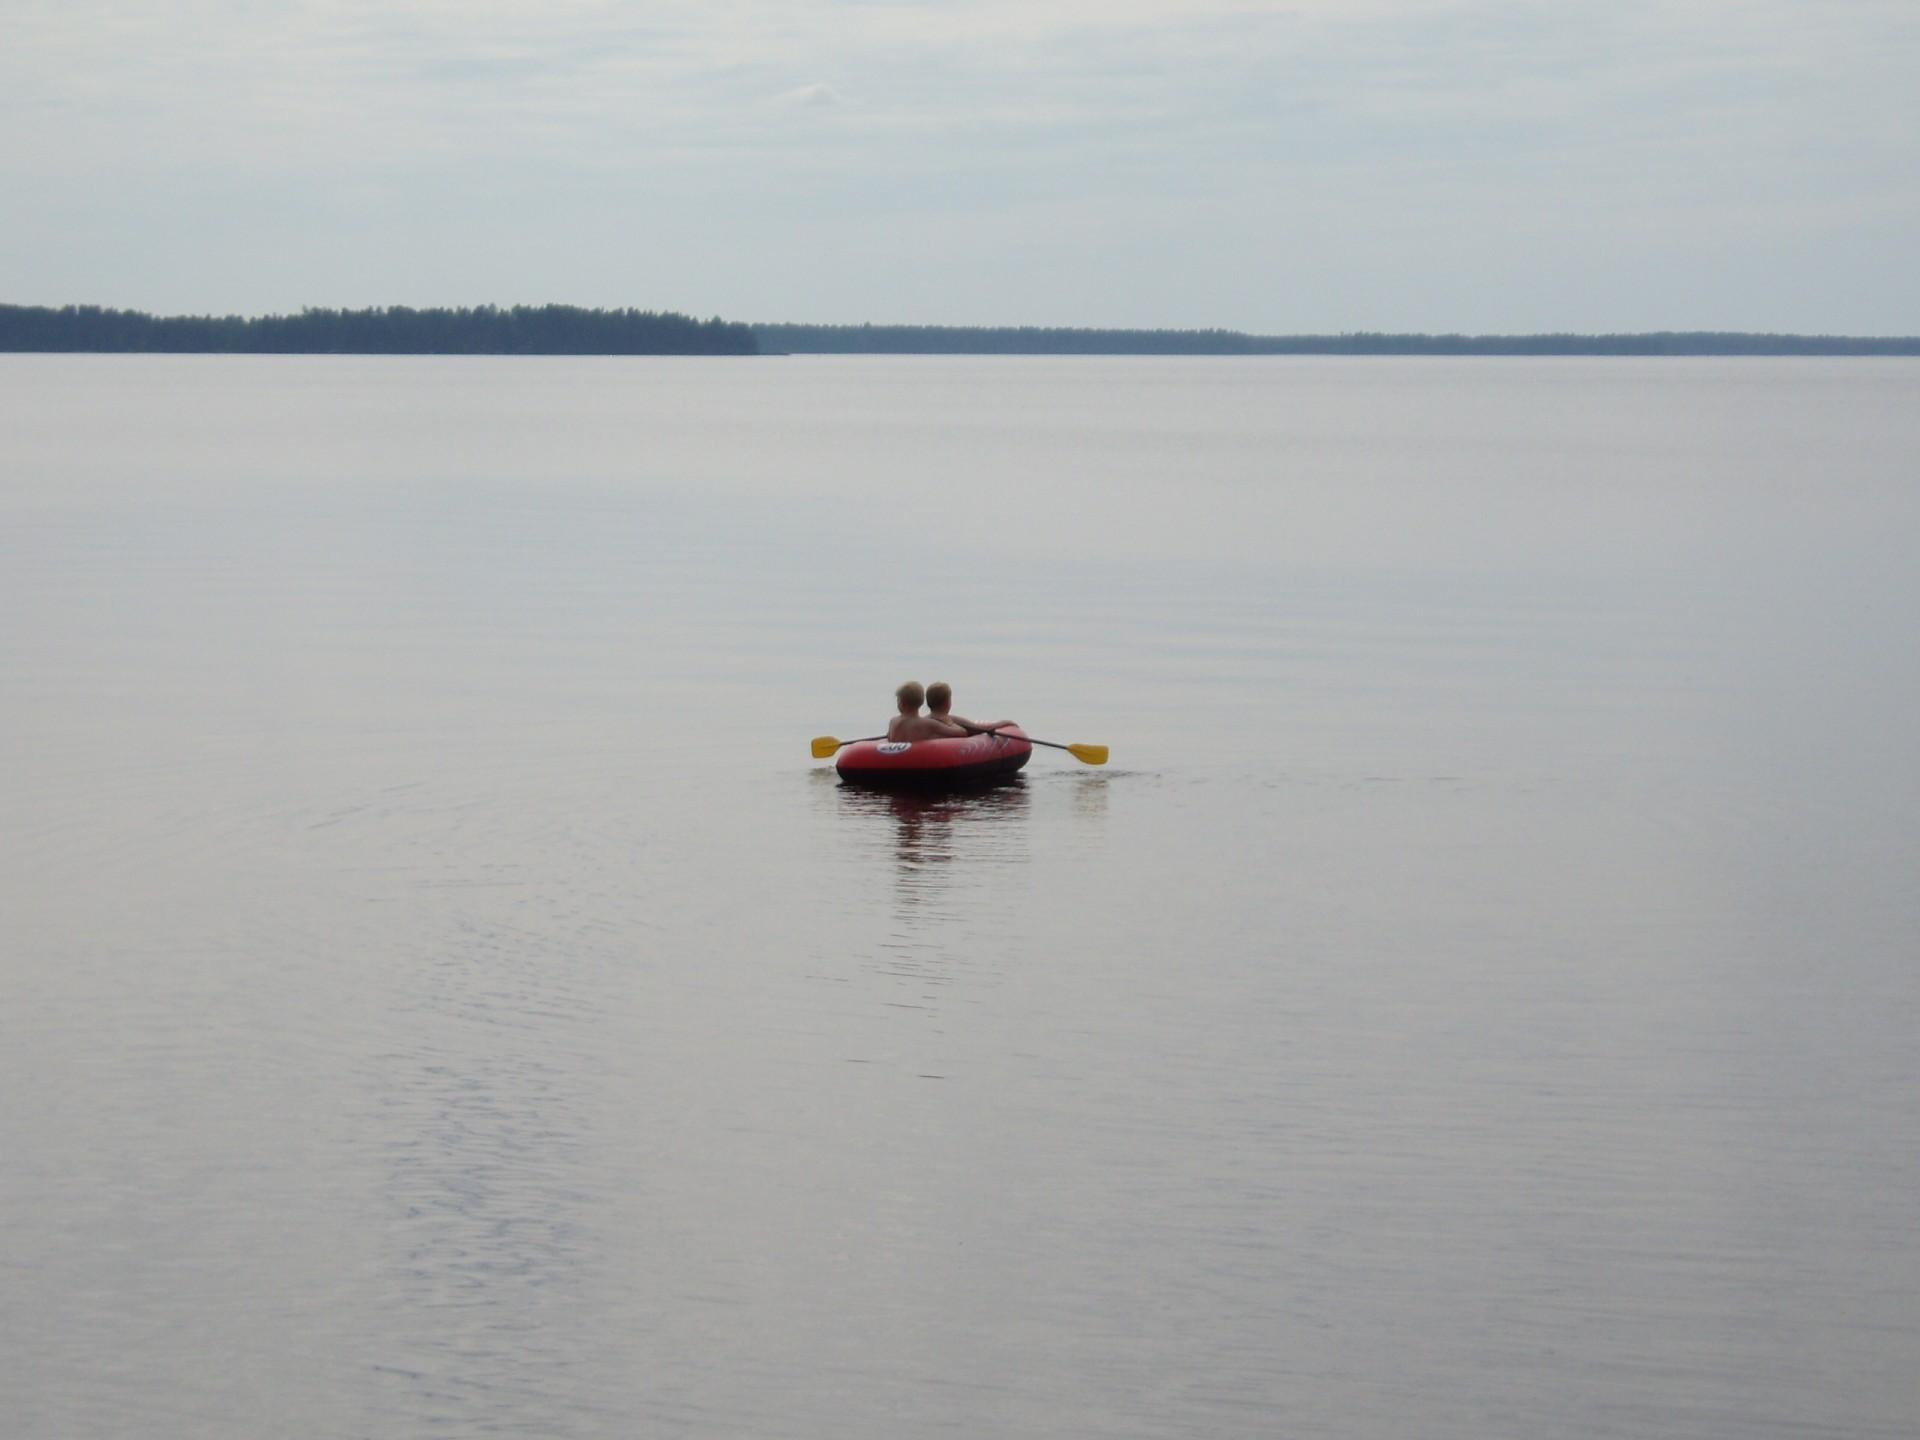 Kumiveneilläkin järvelle uskaltaan lähteä, jos sää on tyyni ja tukivene lähellä.